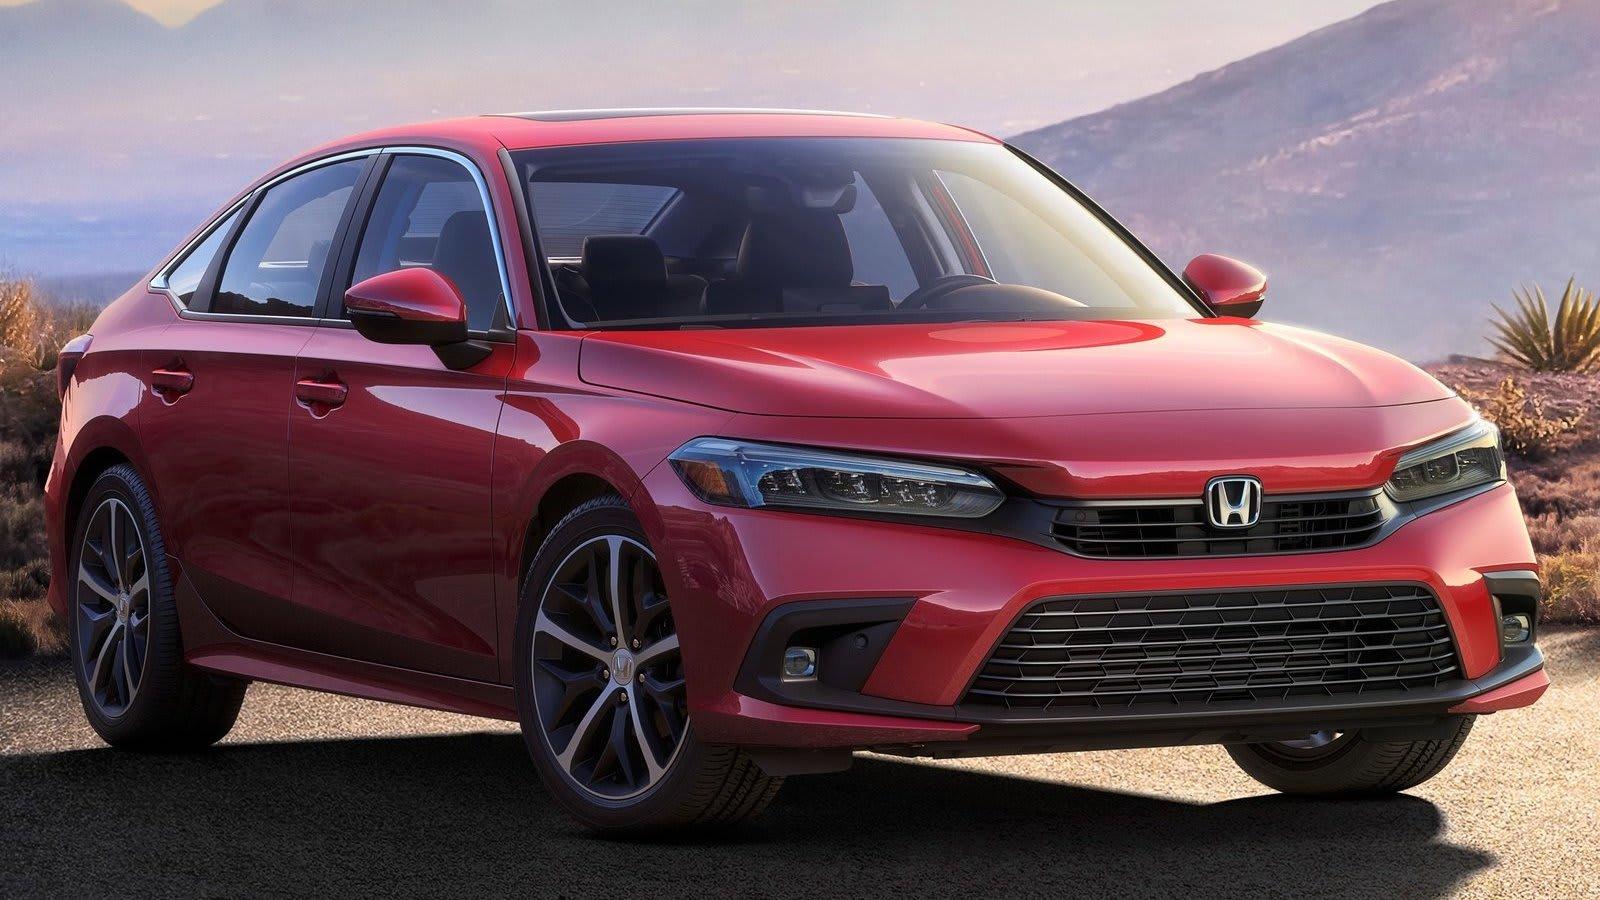 2022 Honda Civic1